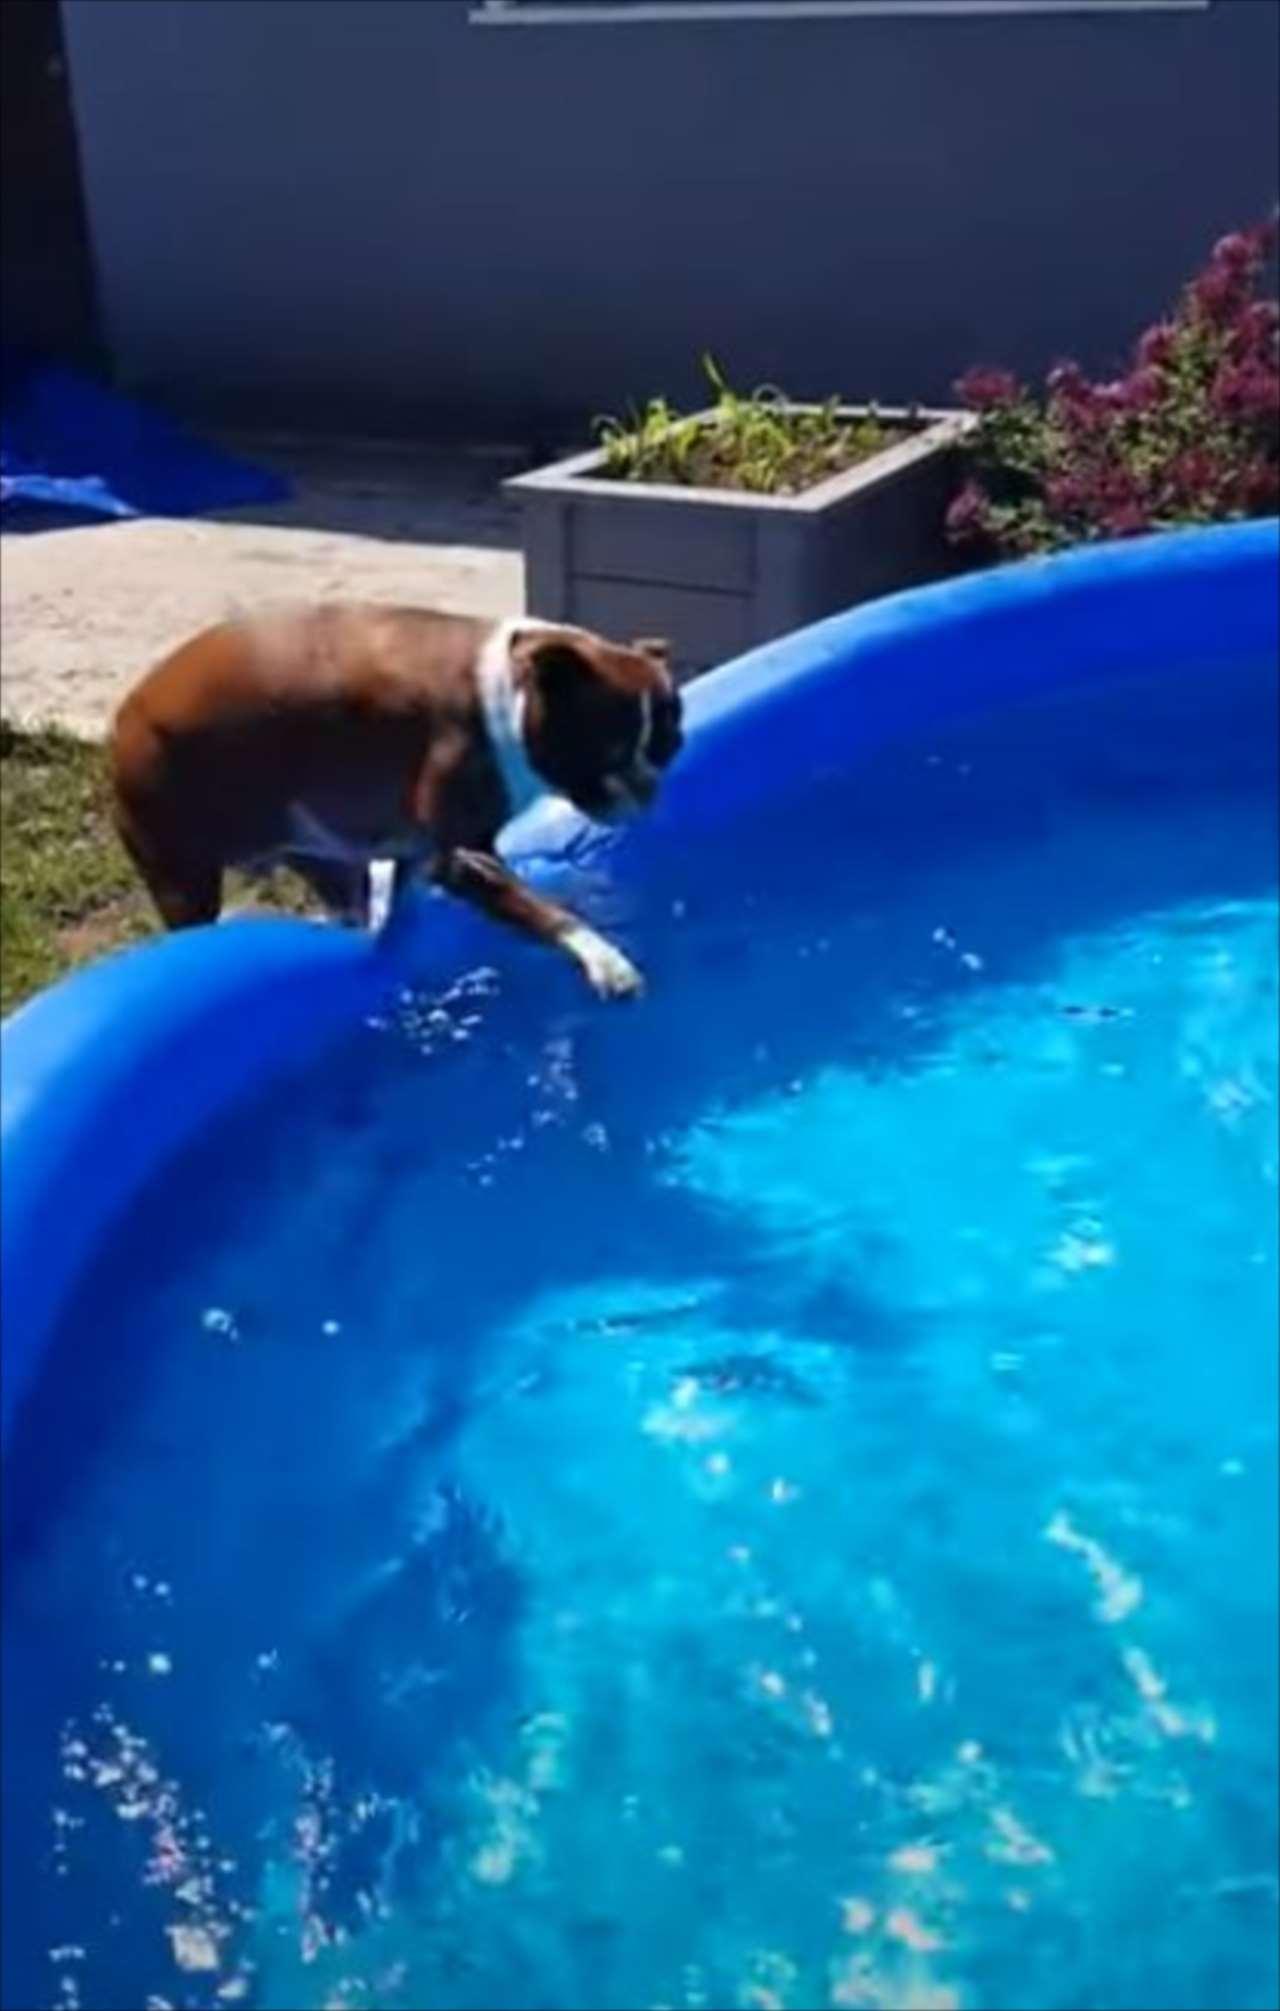 入りたいのに!目の前にあるプールへの飛び込み方がわからないワンコがかわいい